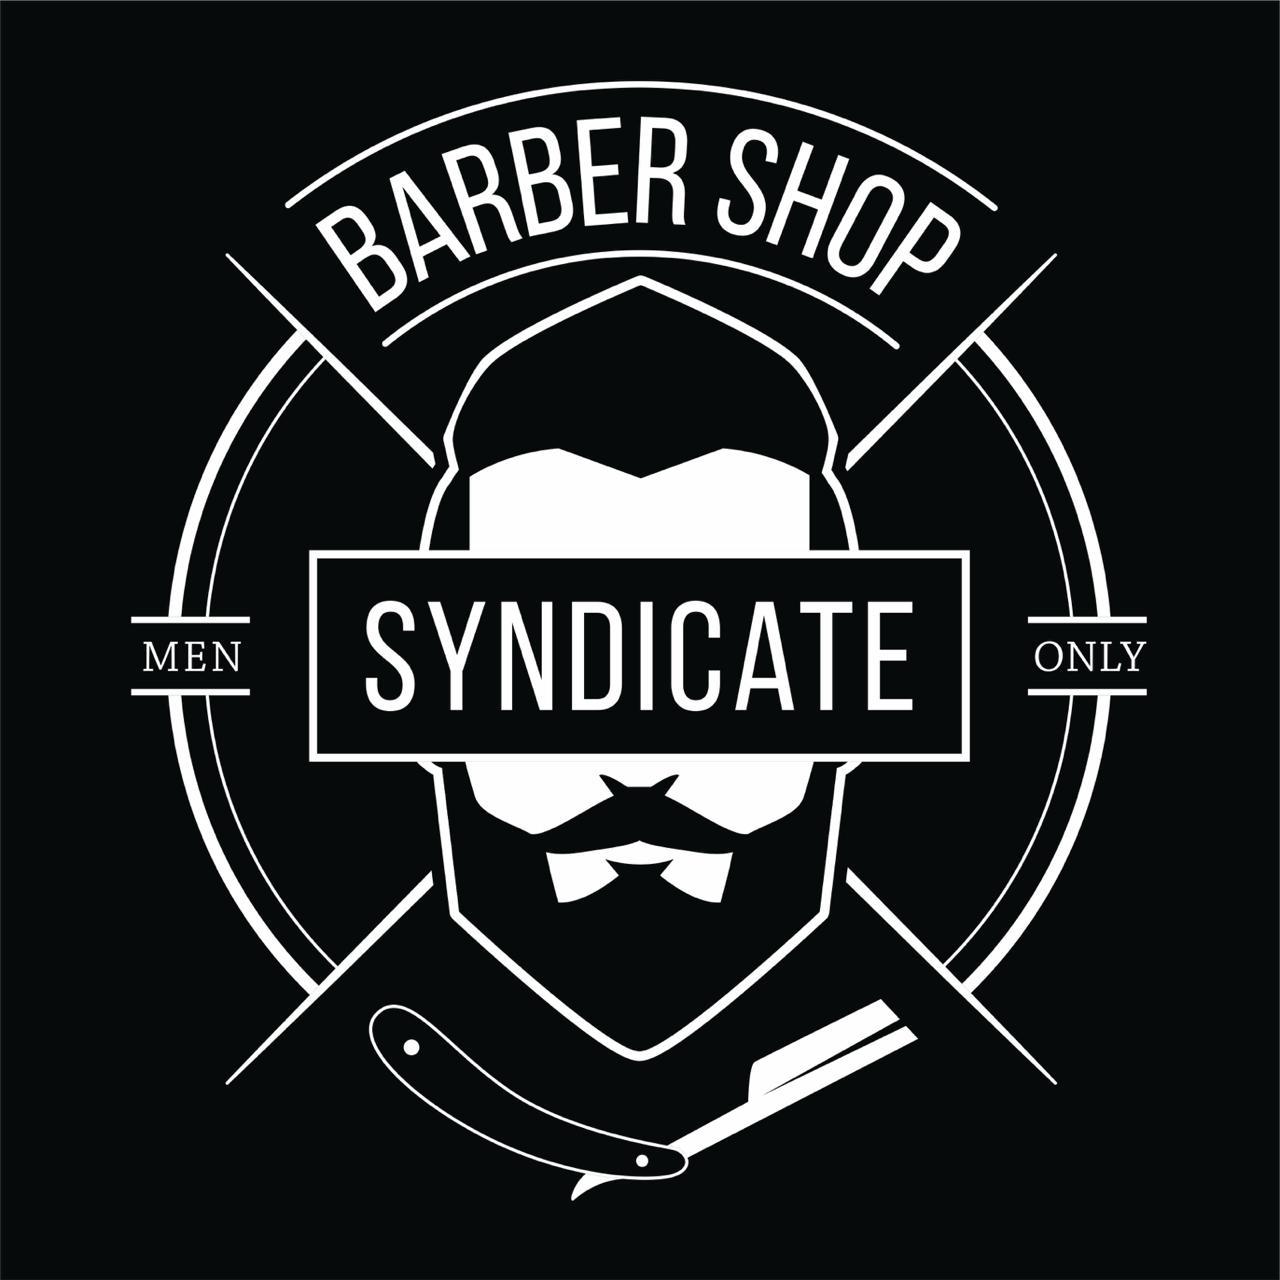 Barbershop Syndicate